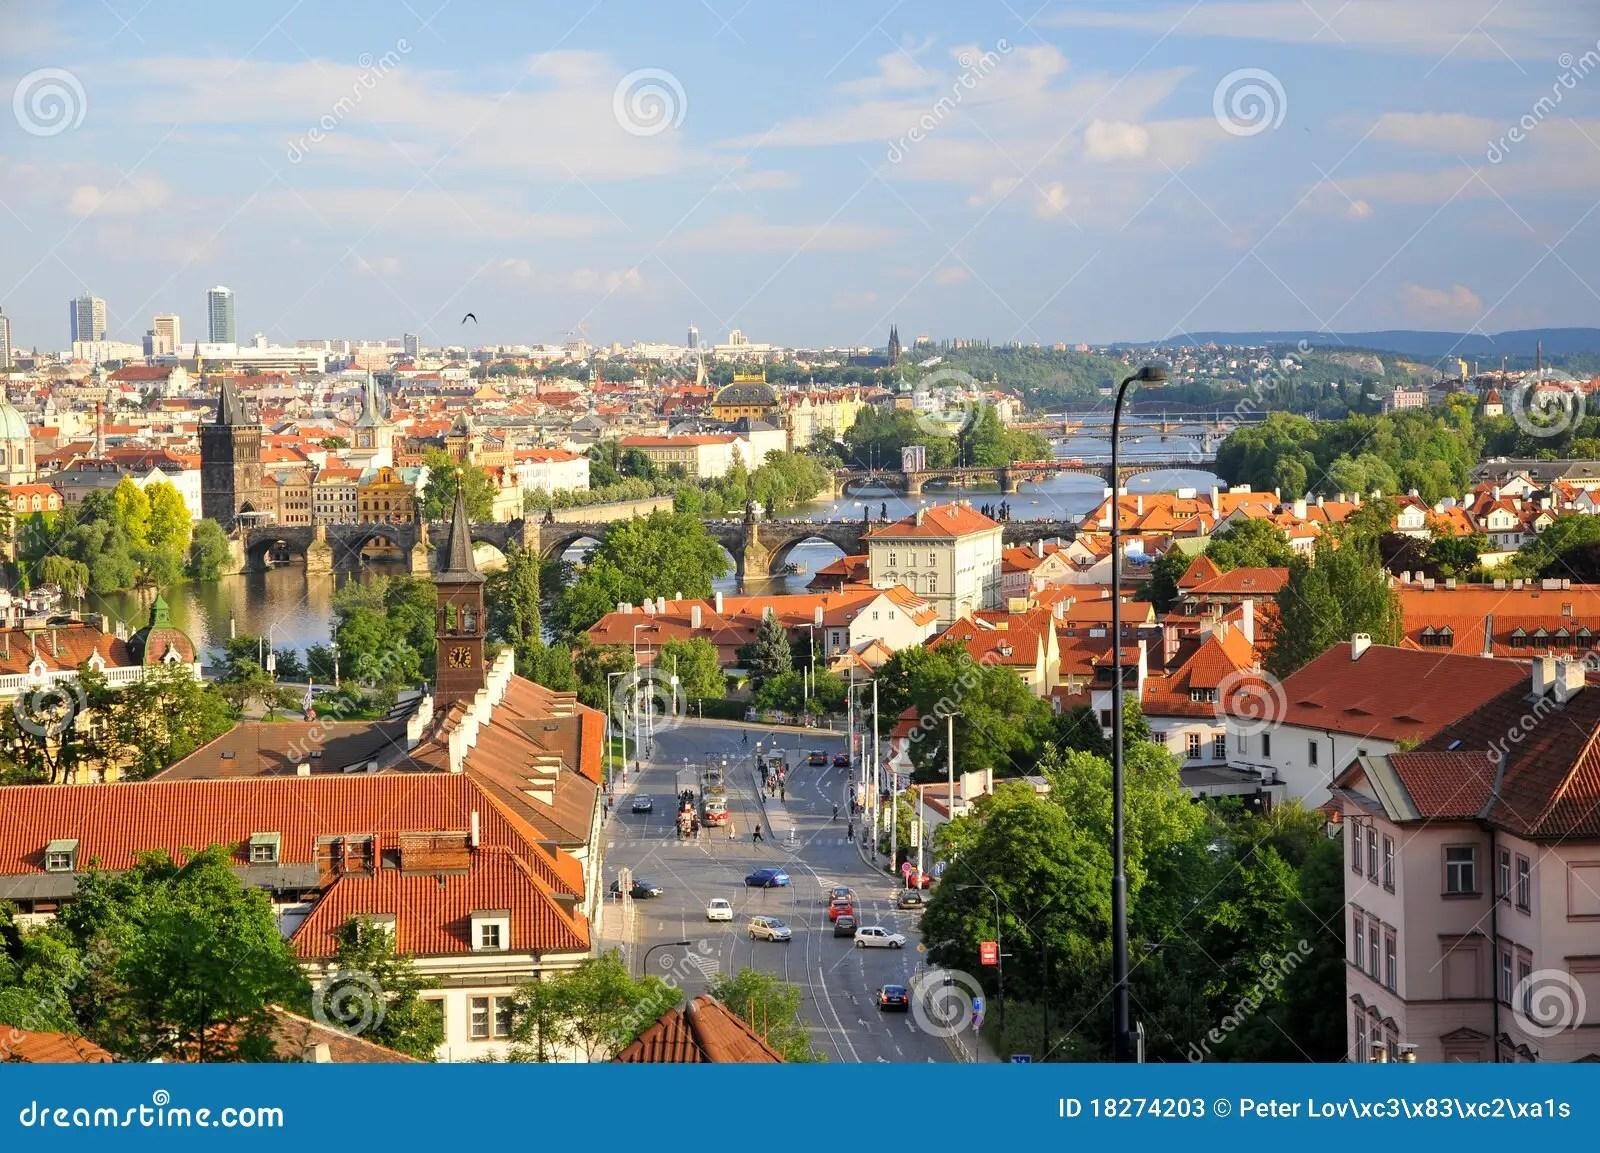 Paesaggio Di Vecchia Citt Di Praga Fotografia Stock Editoriale  Immagine 18274203